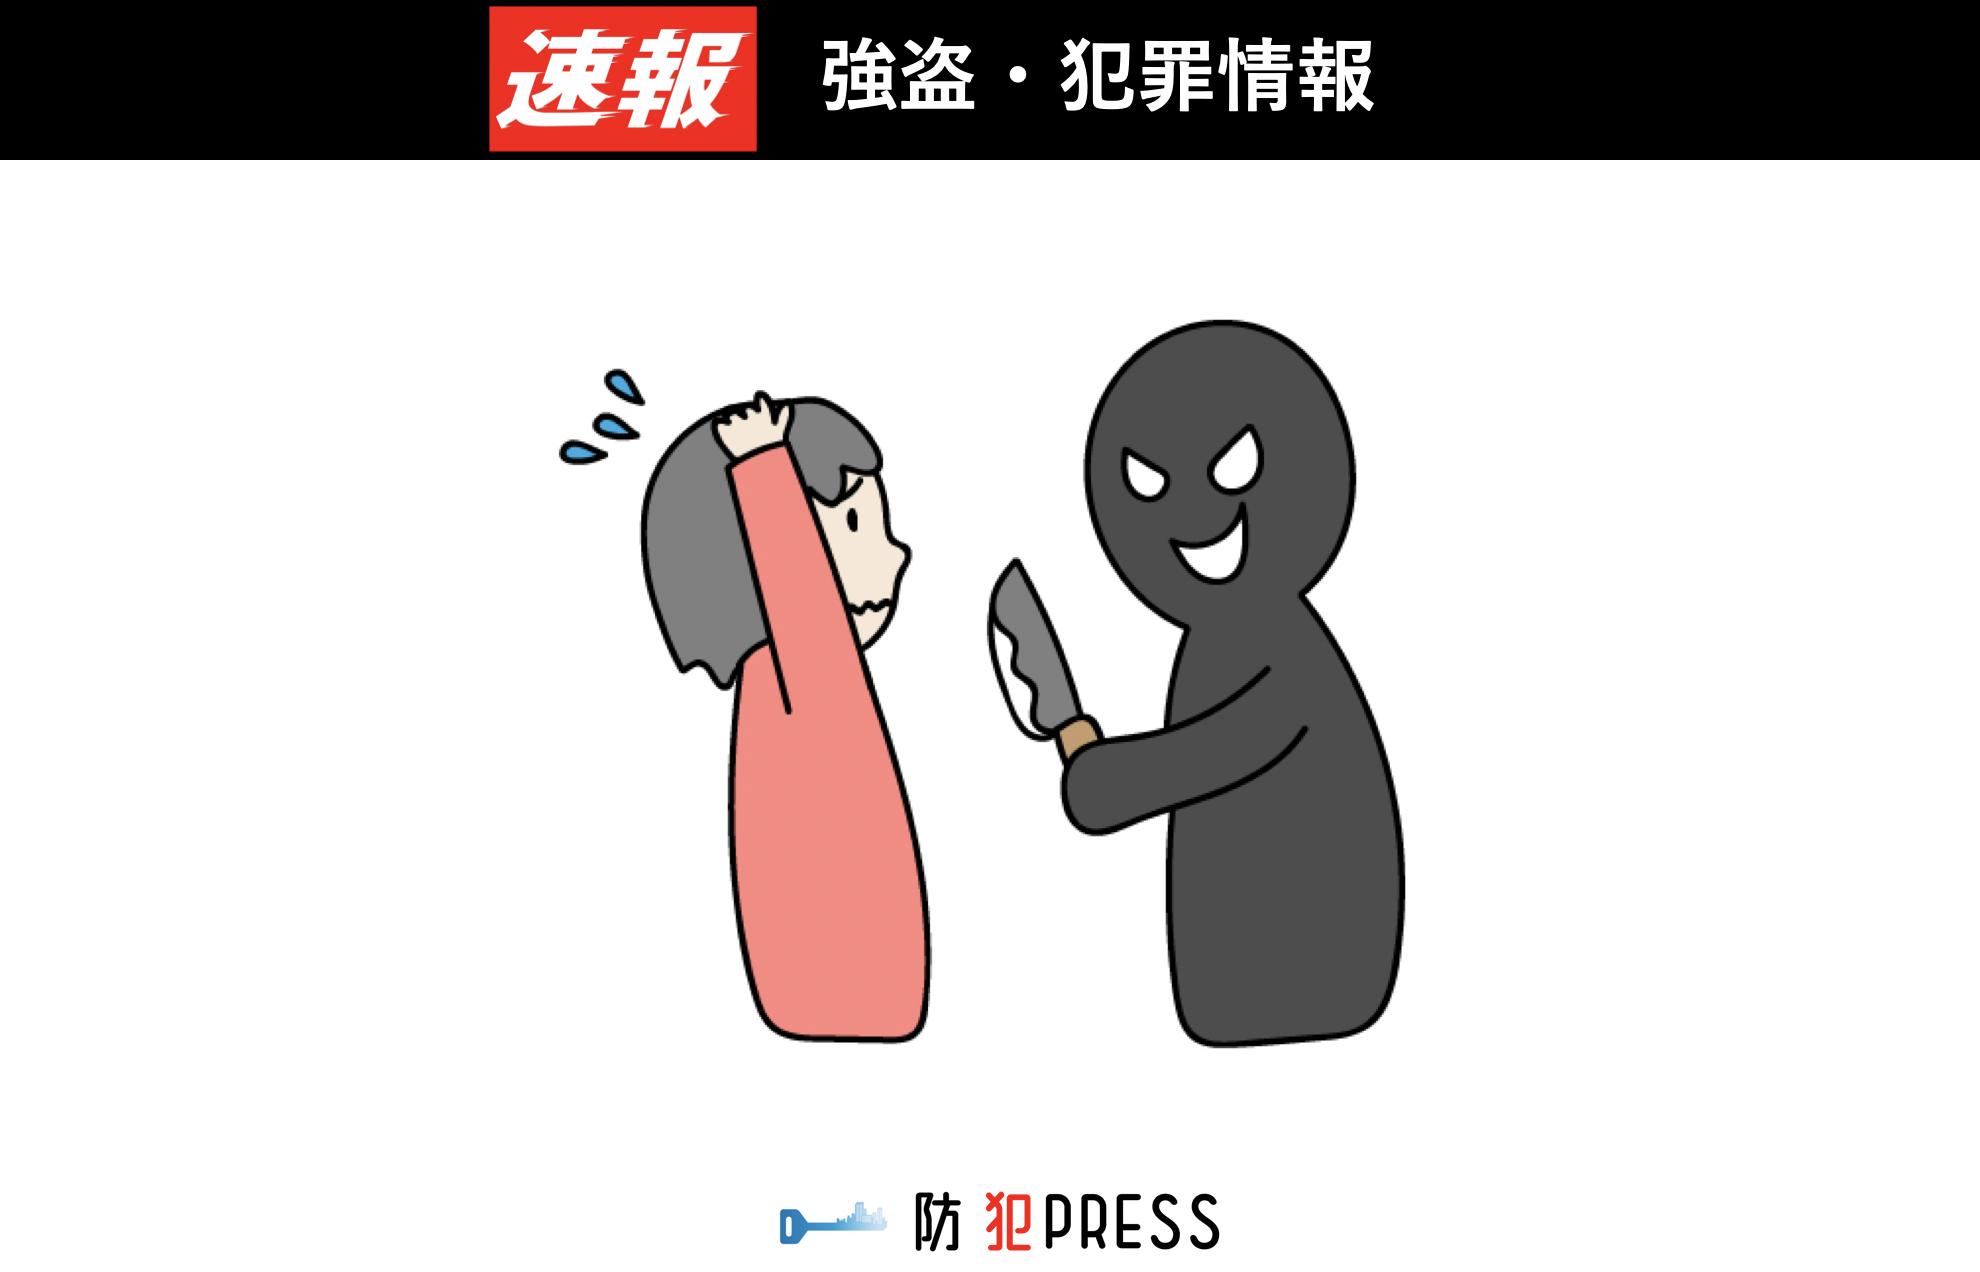 ひばりくん防犯メール【検挙情報】